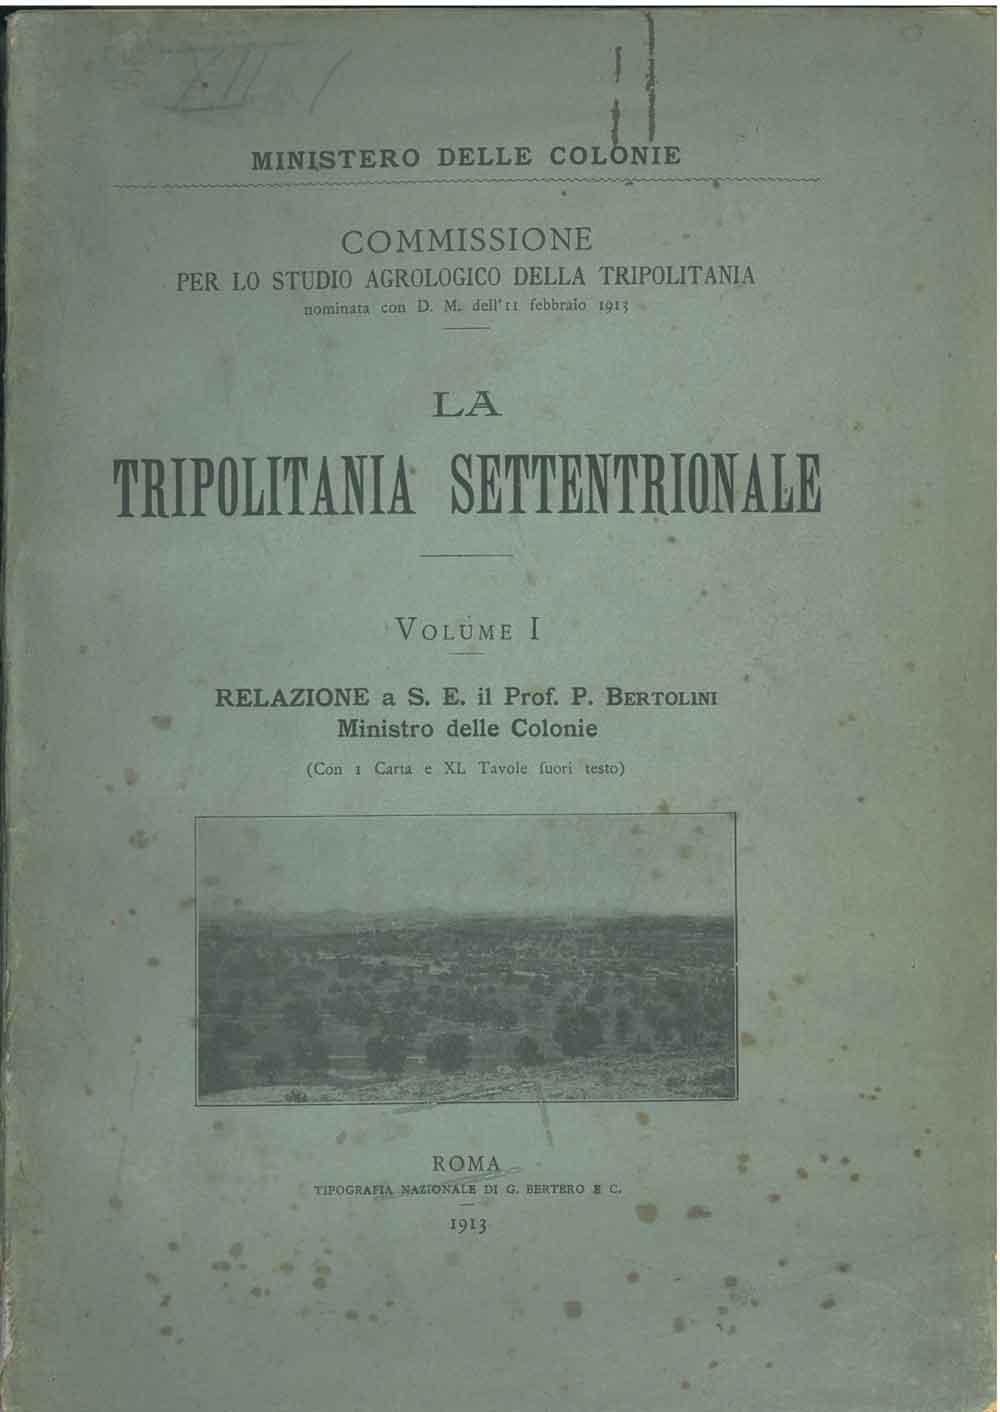 La Tripolitania settentrionale. Volume I: Bertolini P